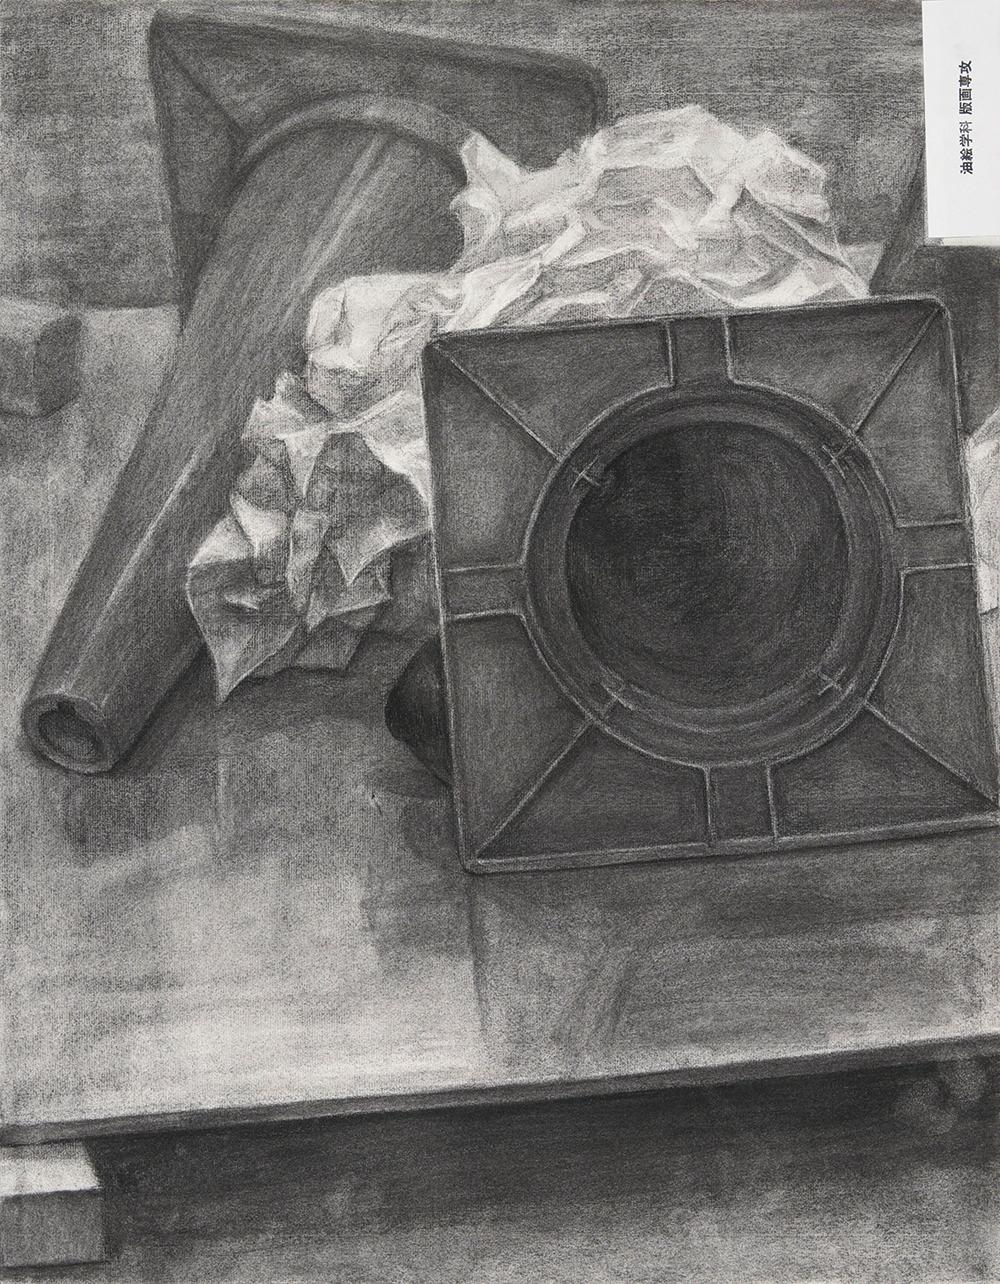 武蔵野美術大学 油絵学科 版画専攻「デッサン」